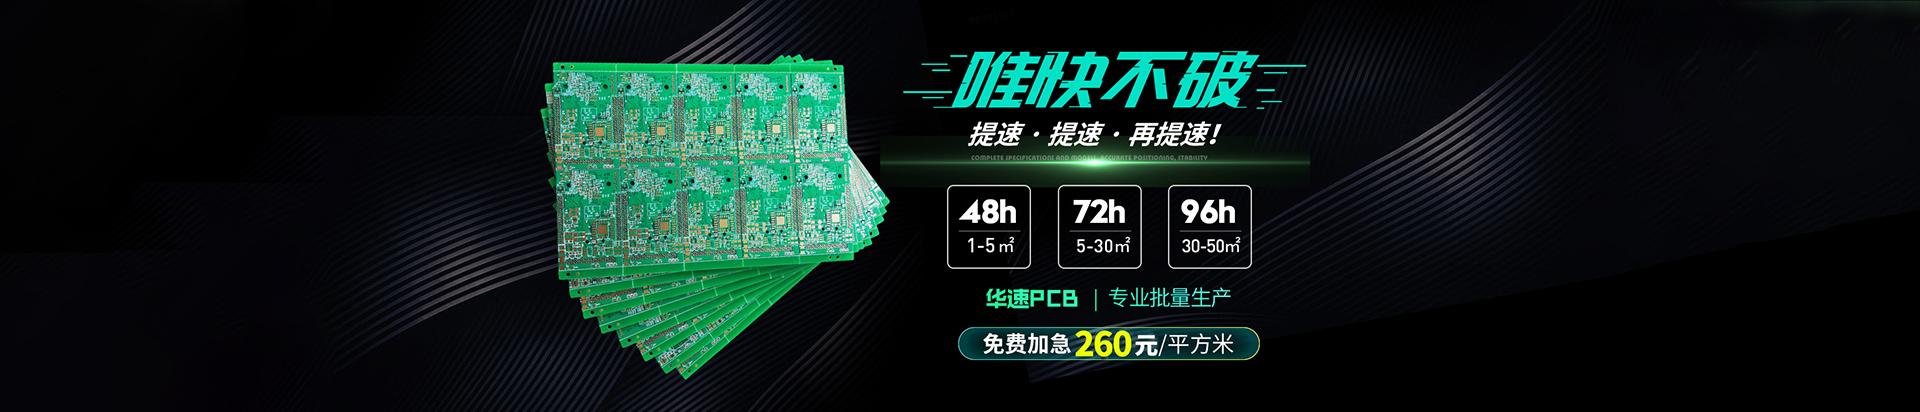 http://www.kshs-pcb.com.cn/data/images/slide/20190827143248_371.jpg